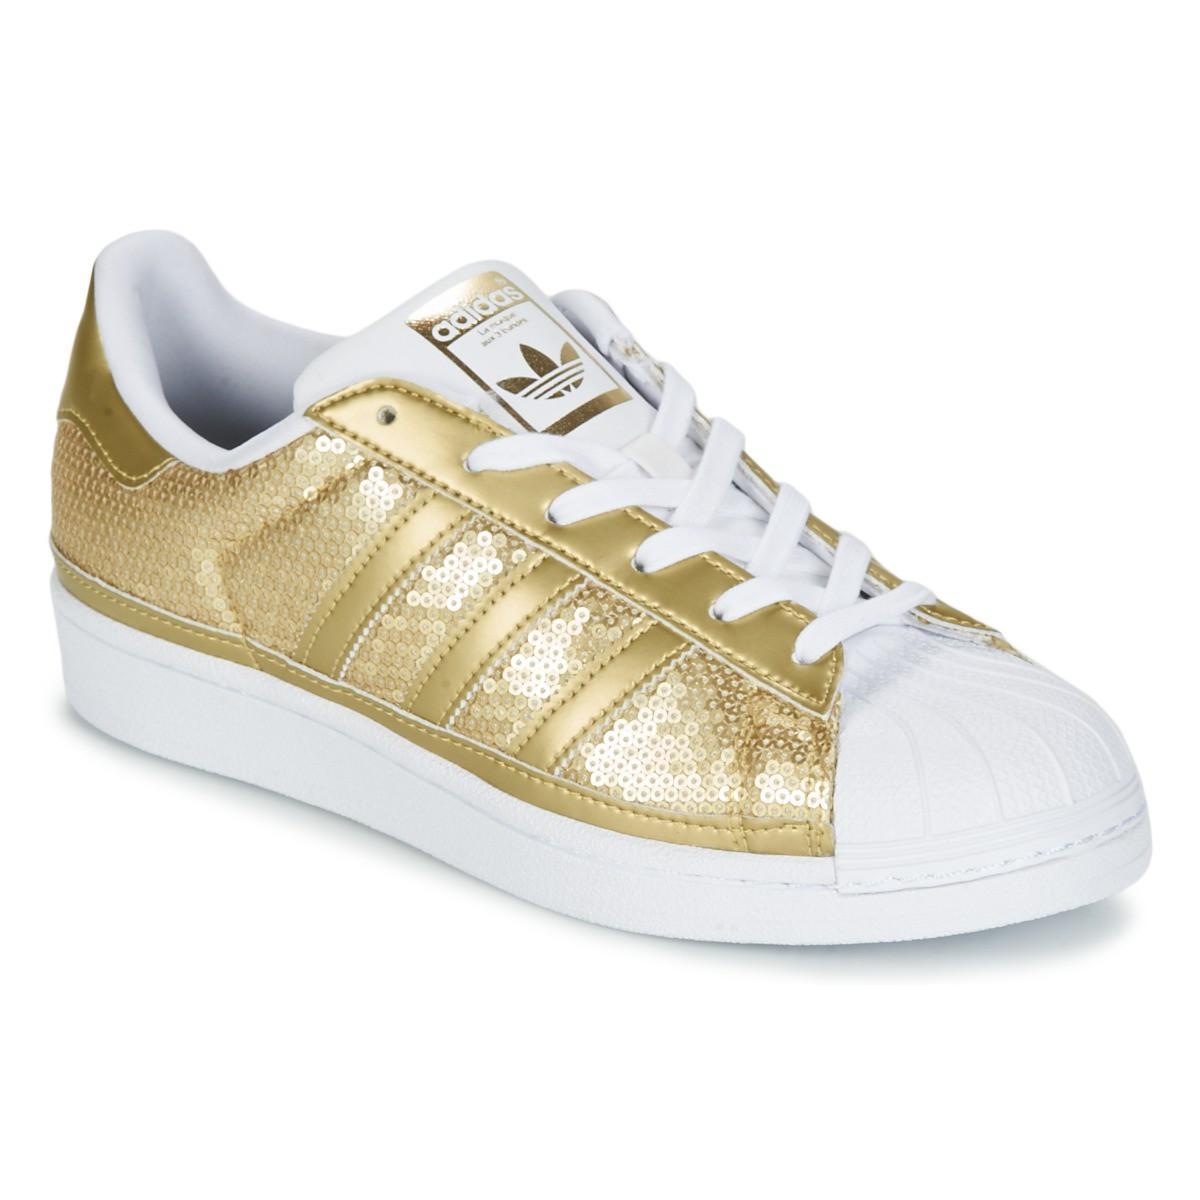 adidas superstar femme doré Off 51% - www.bashhguidelines.org